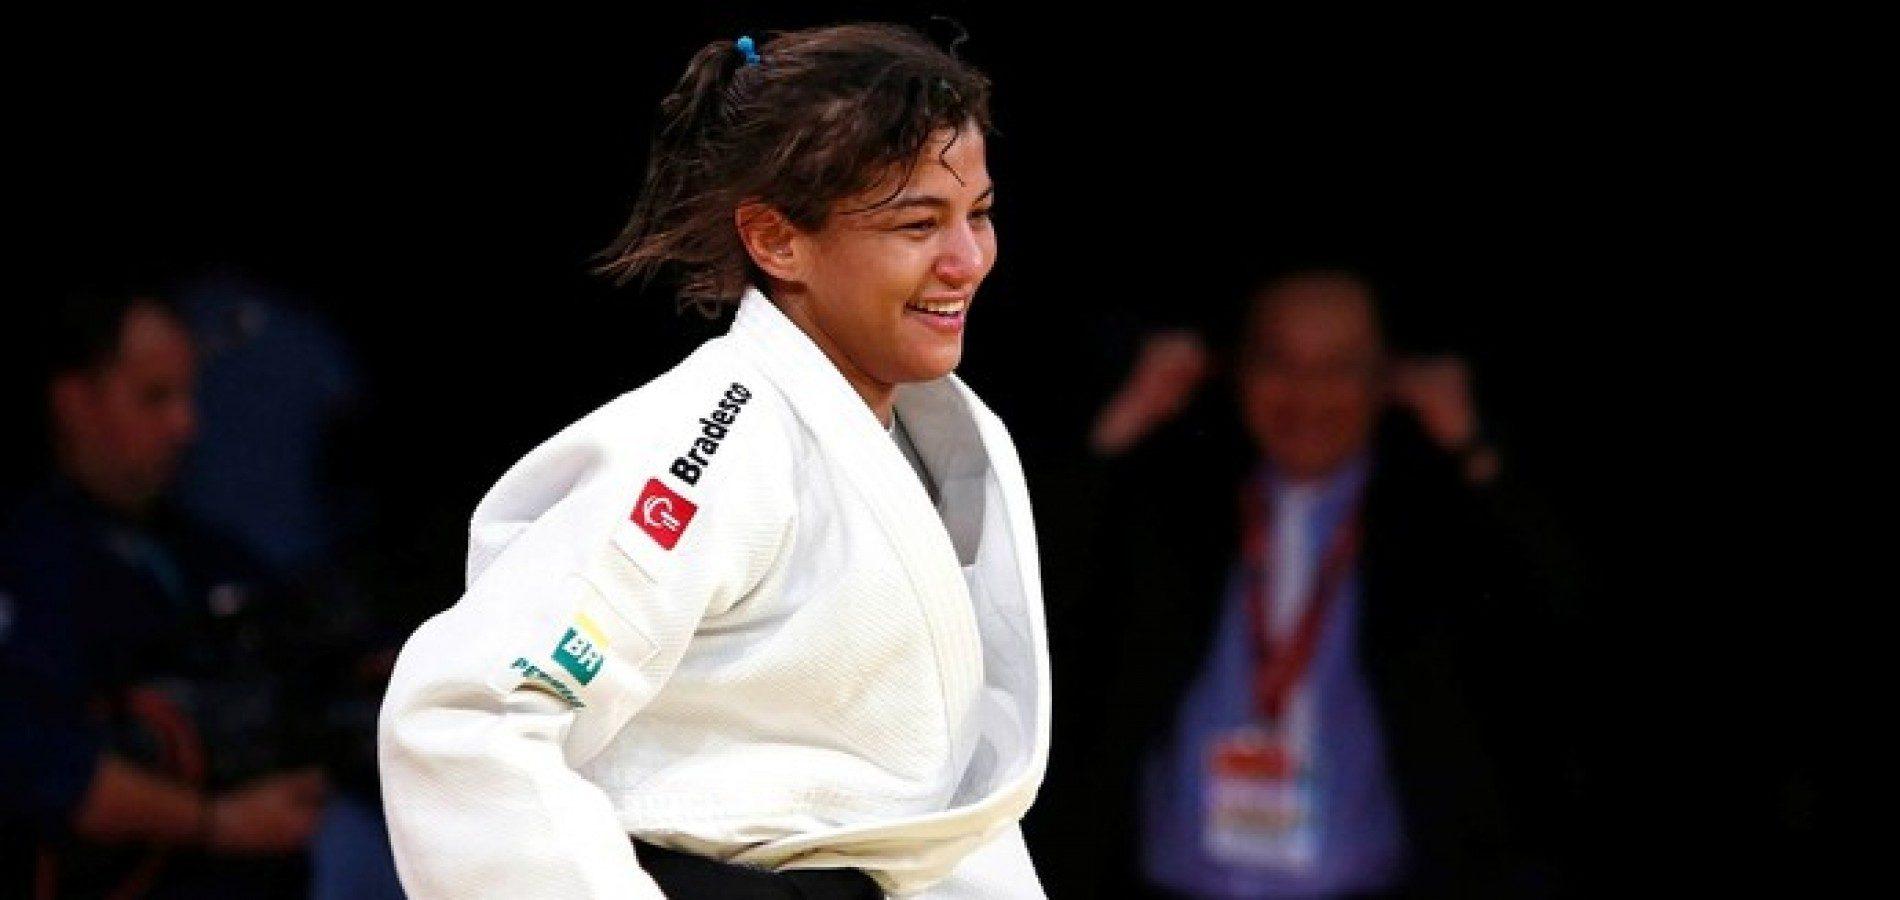 Sem Sarah Menezes, seleção brasileira de judô é convocada para torneio em Portugal